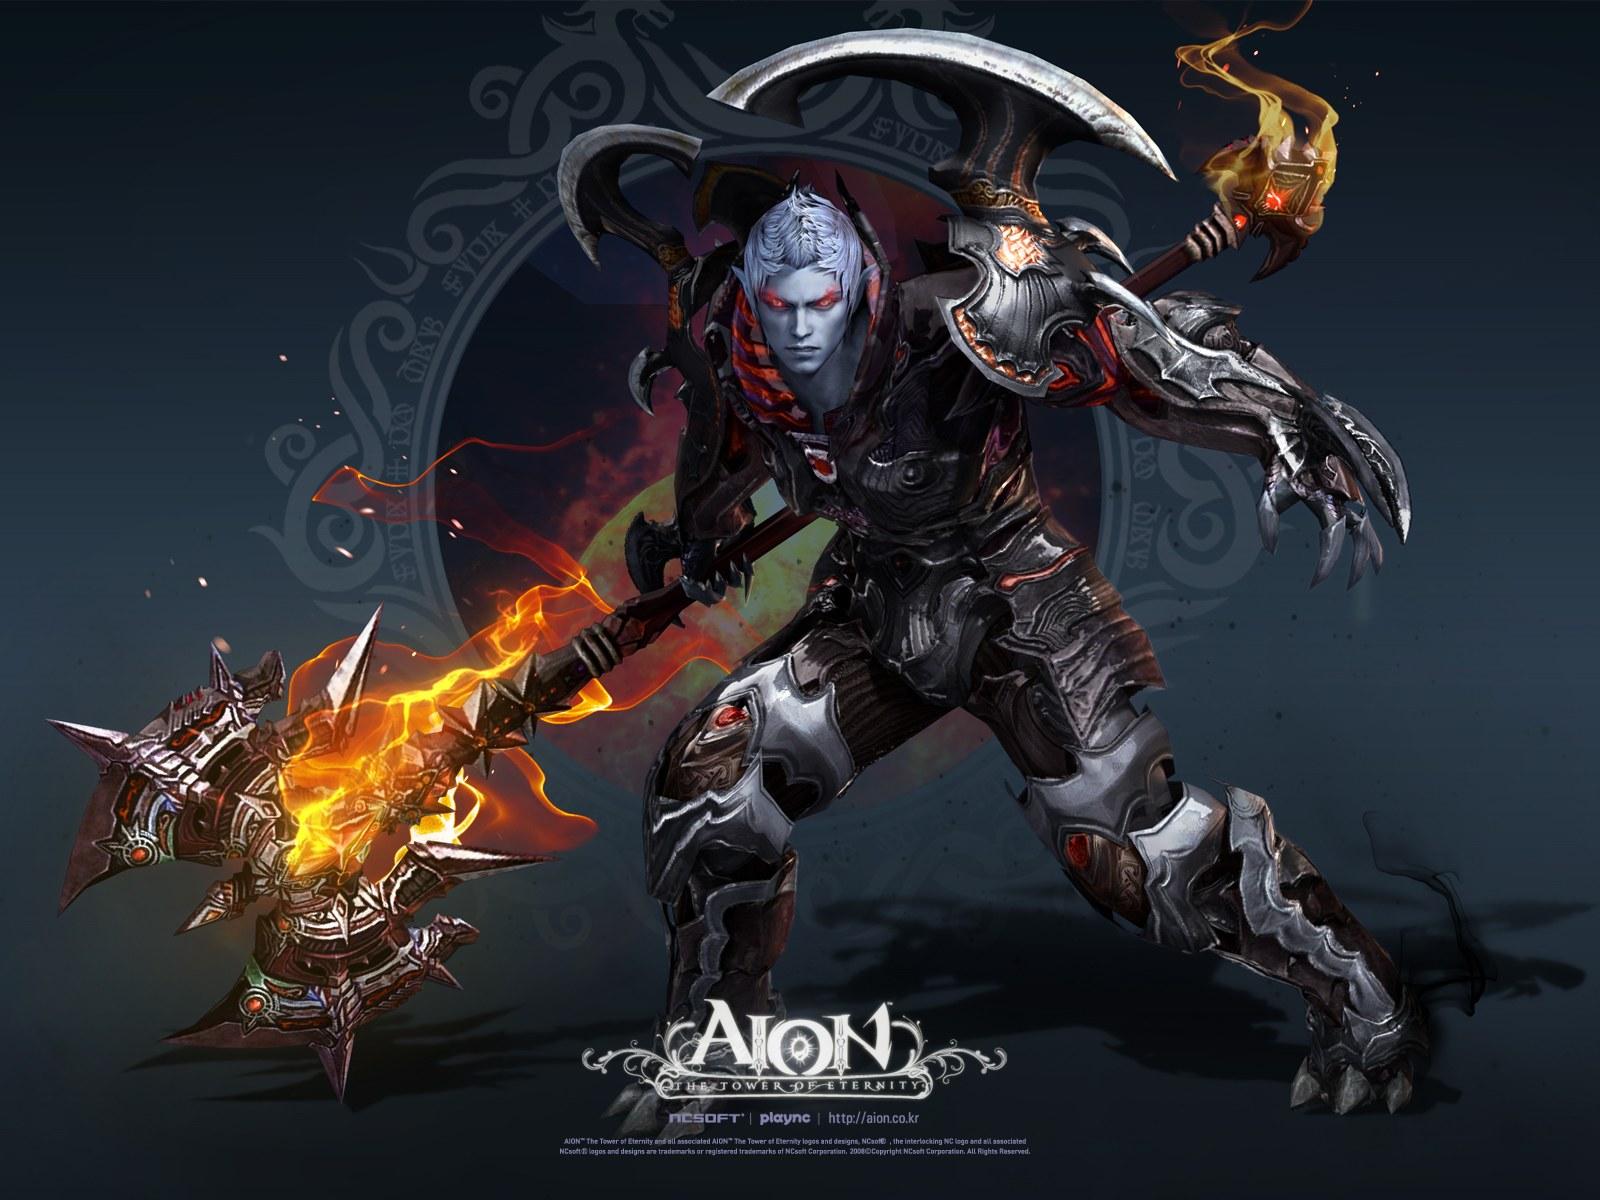 http://1.bp.blogspot.com/-HpyWxbiWjJ4/TaJW0iM888I/AAAAAAAABQs/d3y5lBhdXhQ/s1600/AION-Wallpaper-Screenshot-PC-Game-Online-13.jpg